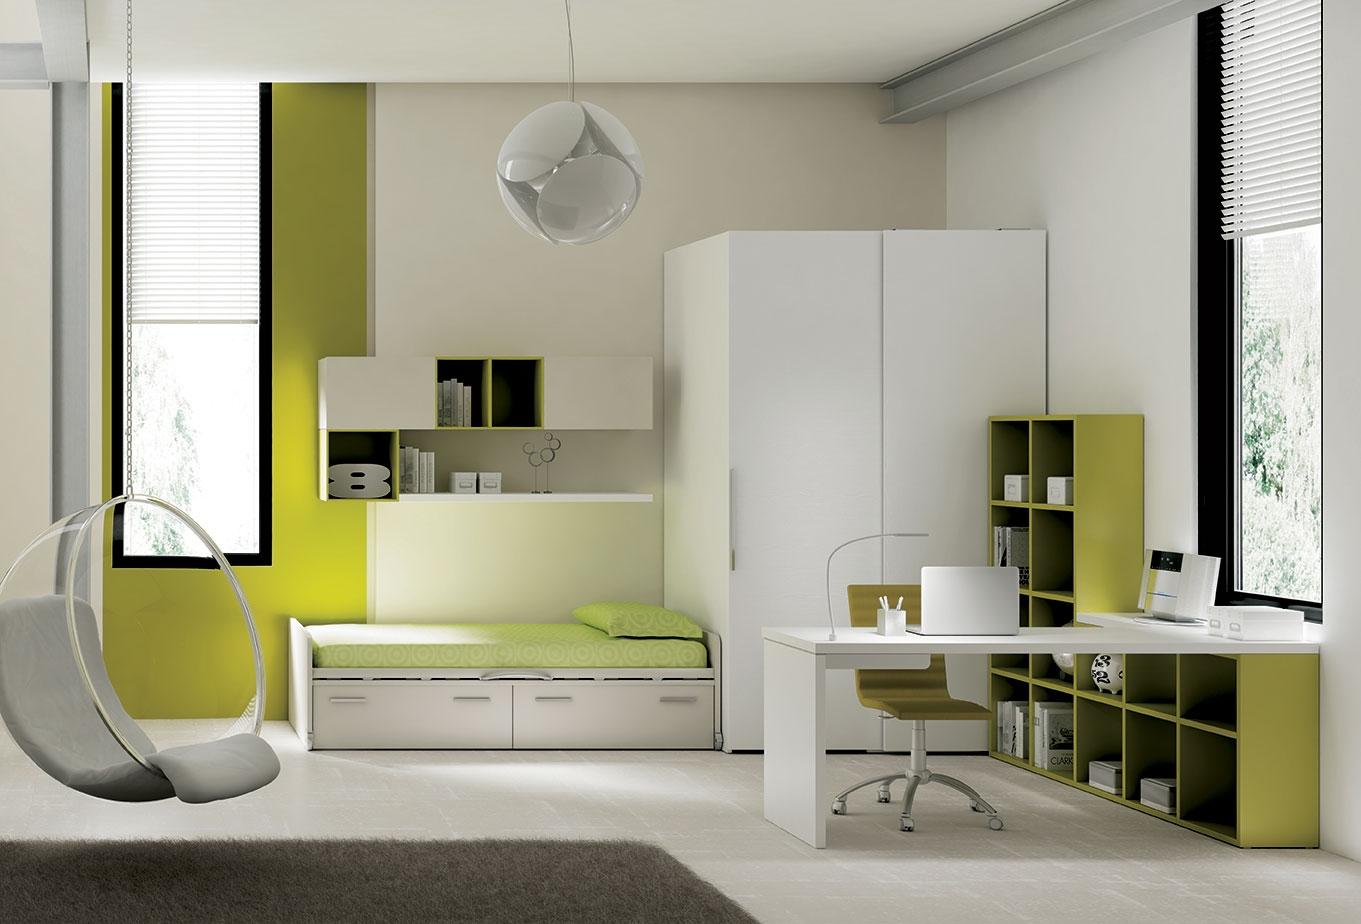 Moretti Compact Catalogo - Idee per la progettazione di ...